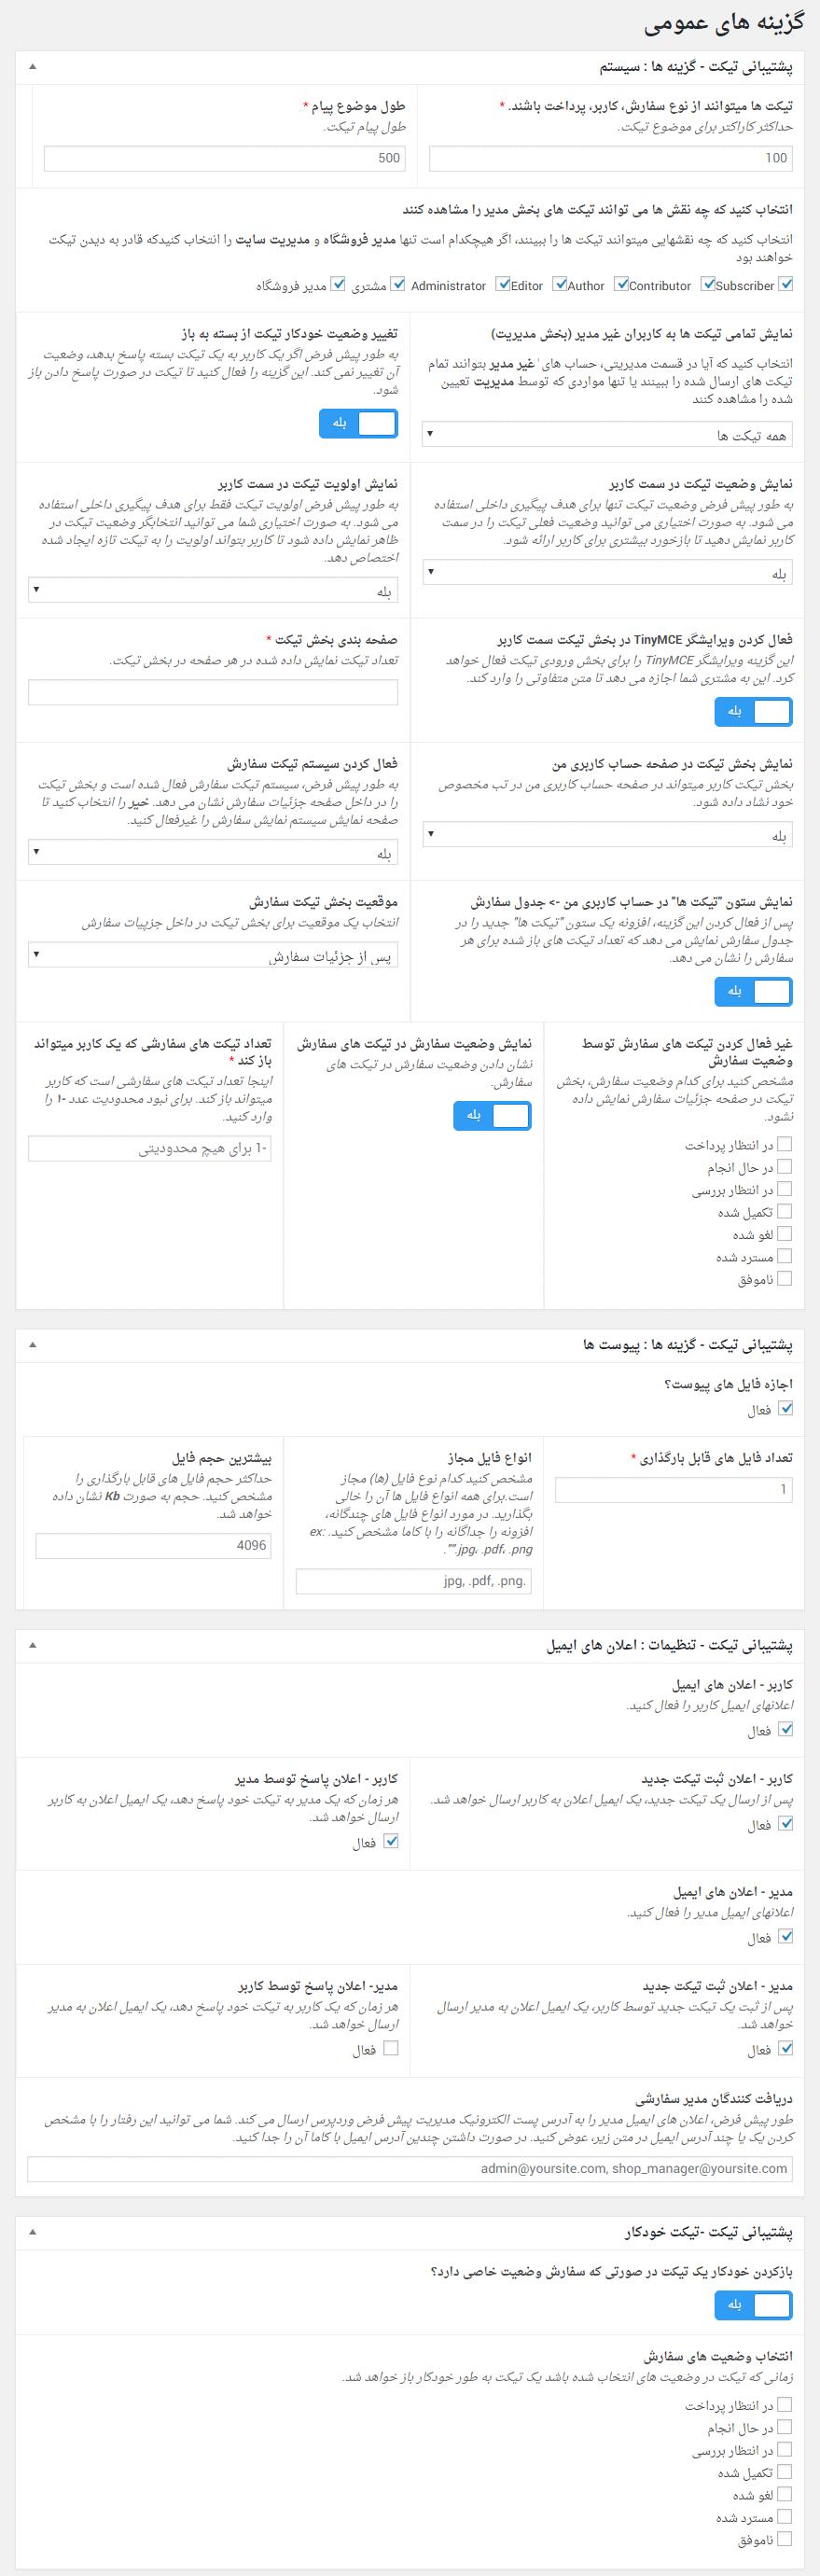 تنظیمات عمومی افزونه WooCommerce Support Ticket System